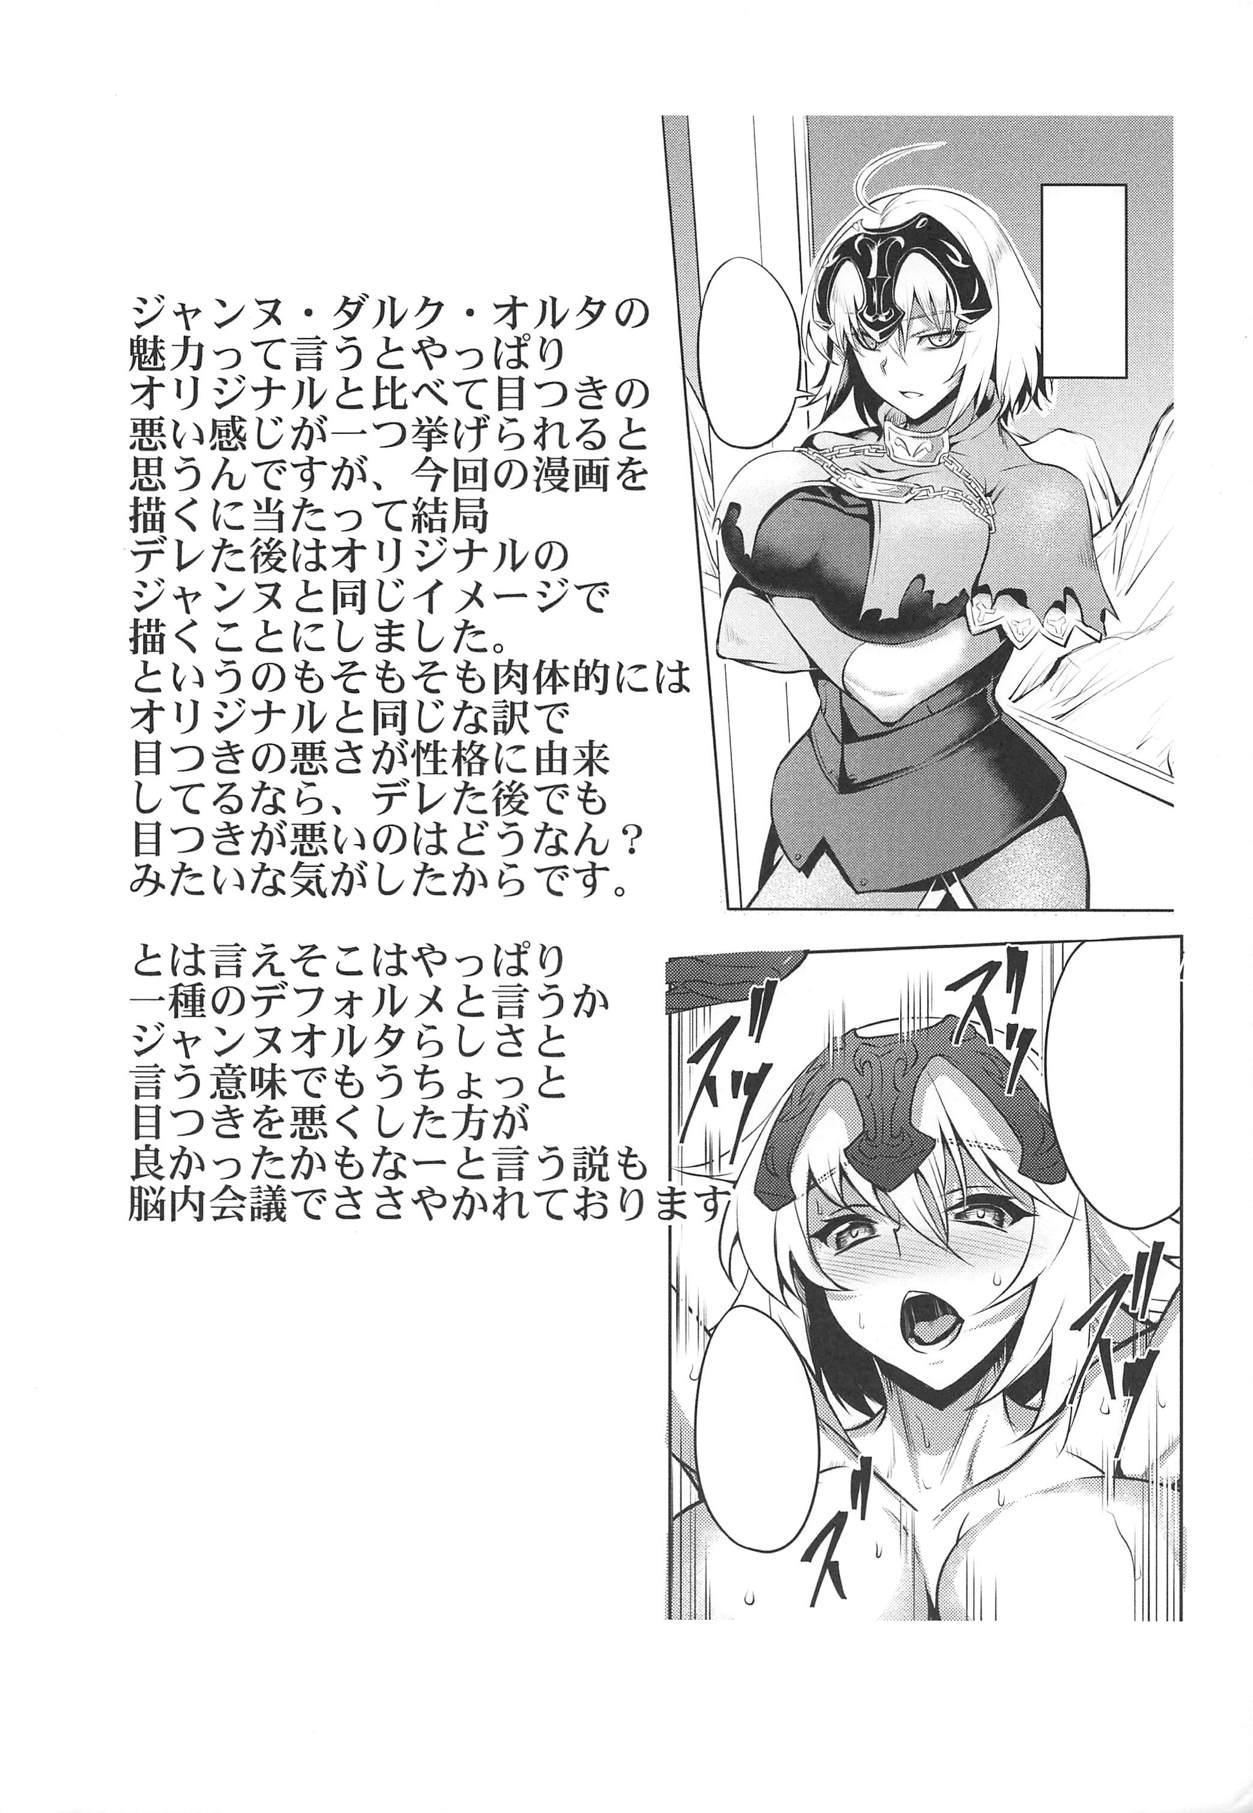 Sugao no Mama no Kimi de Ite 20